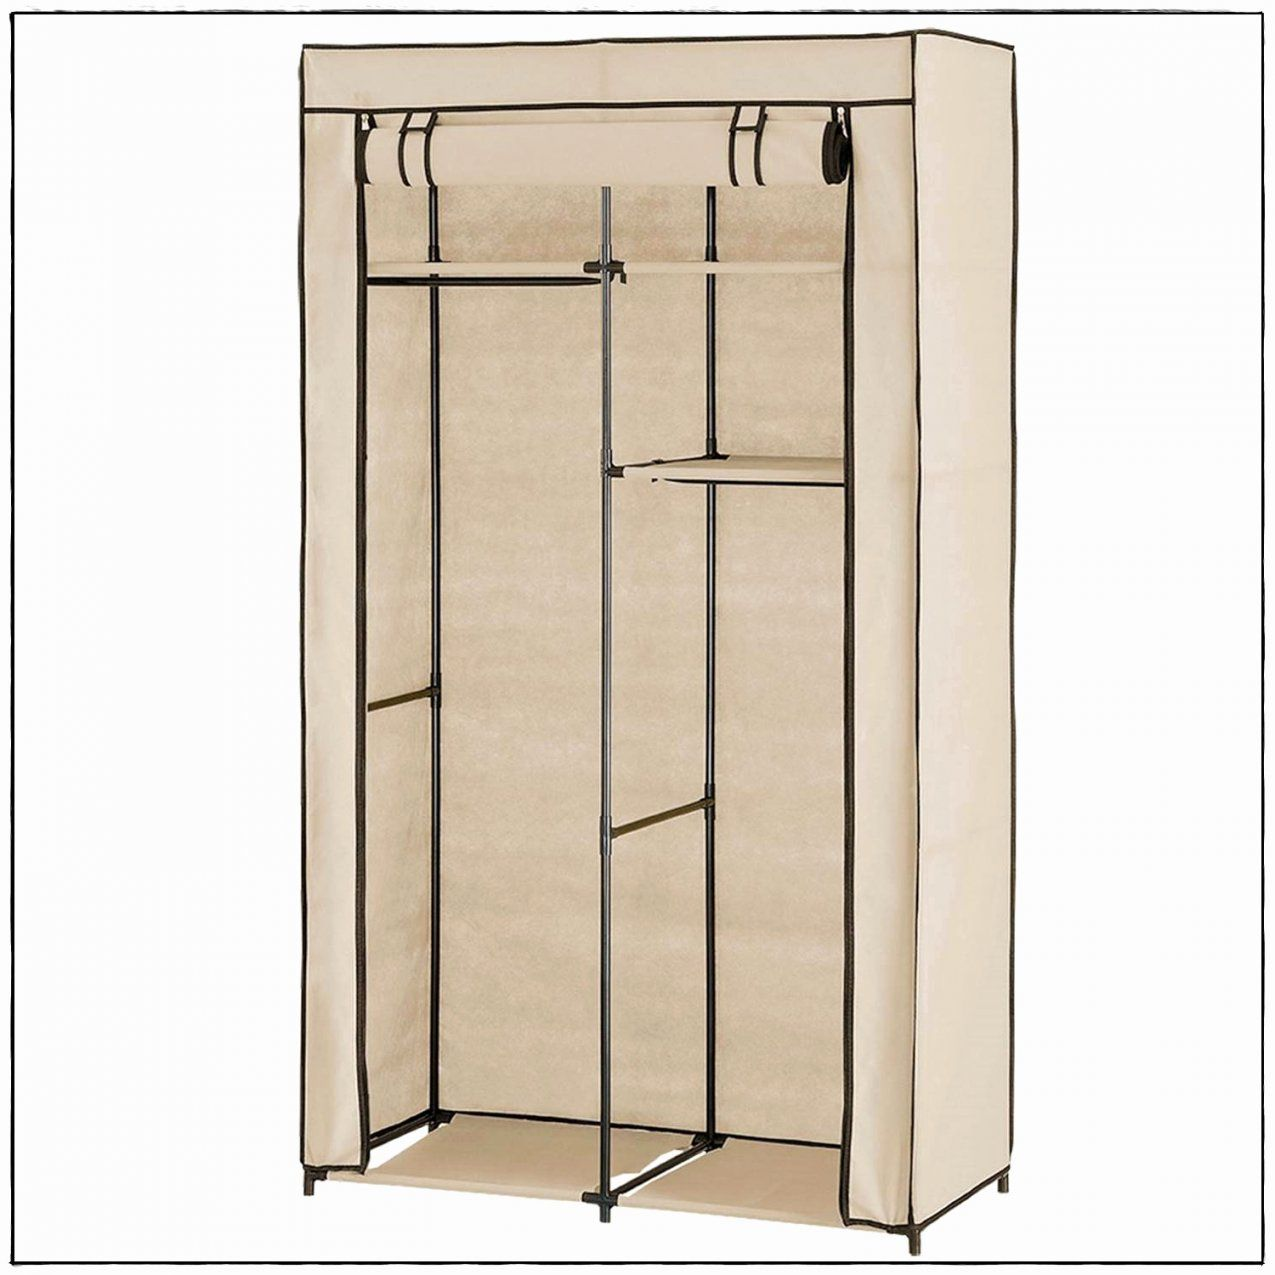 schrank 40 cm breit sch n herrlich schrank 20 cm breit schrank 20 cm von schrank 40 cm tief bild. Black Bedroom Furniture Sets. Home Design Ideas